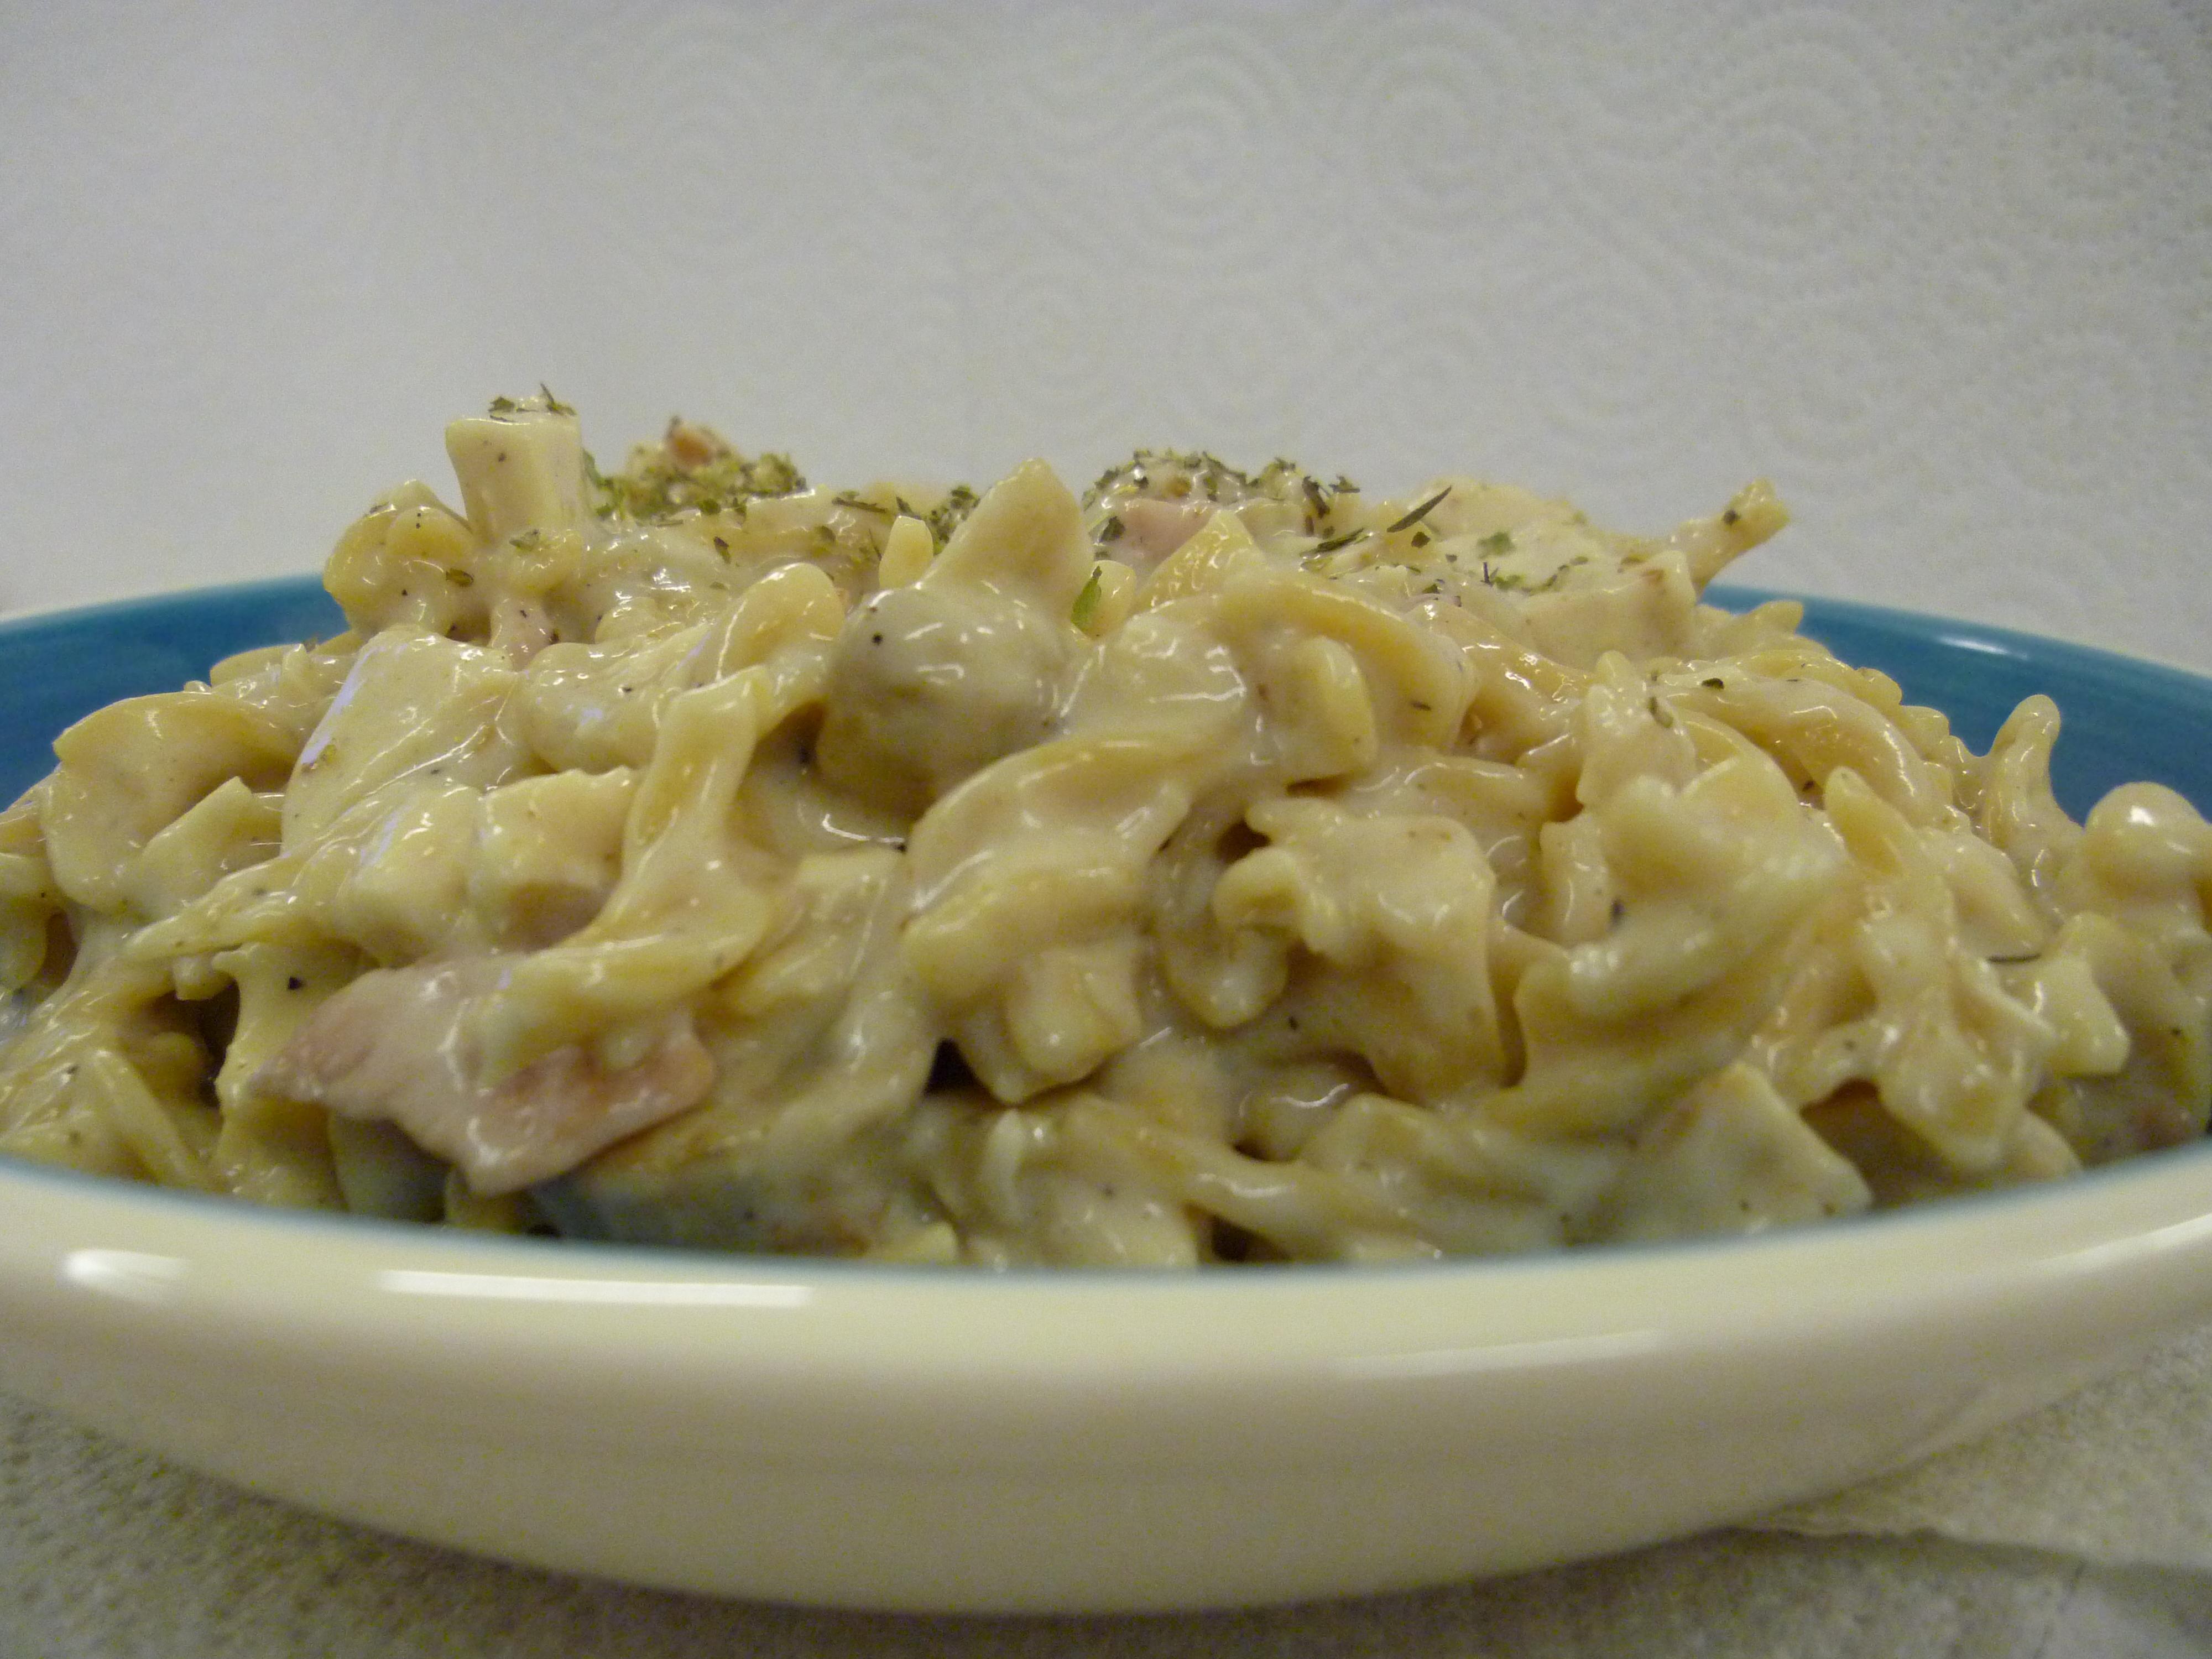 Chicken bacon pasta recipe mushrooms